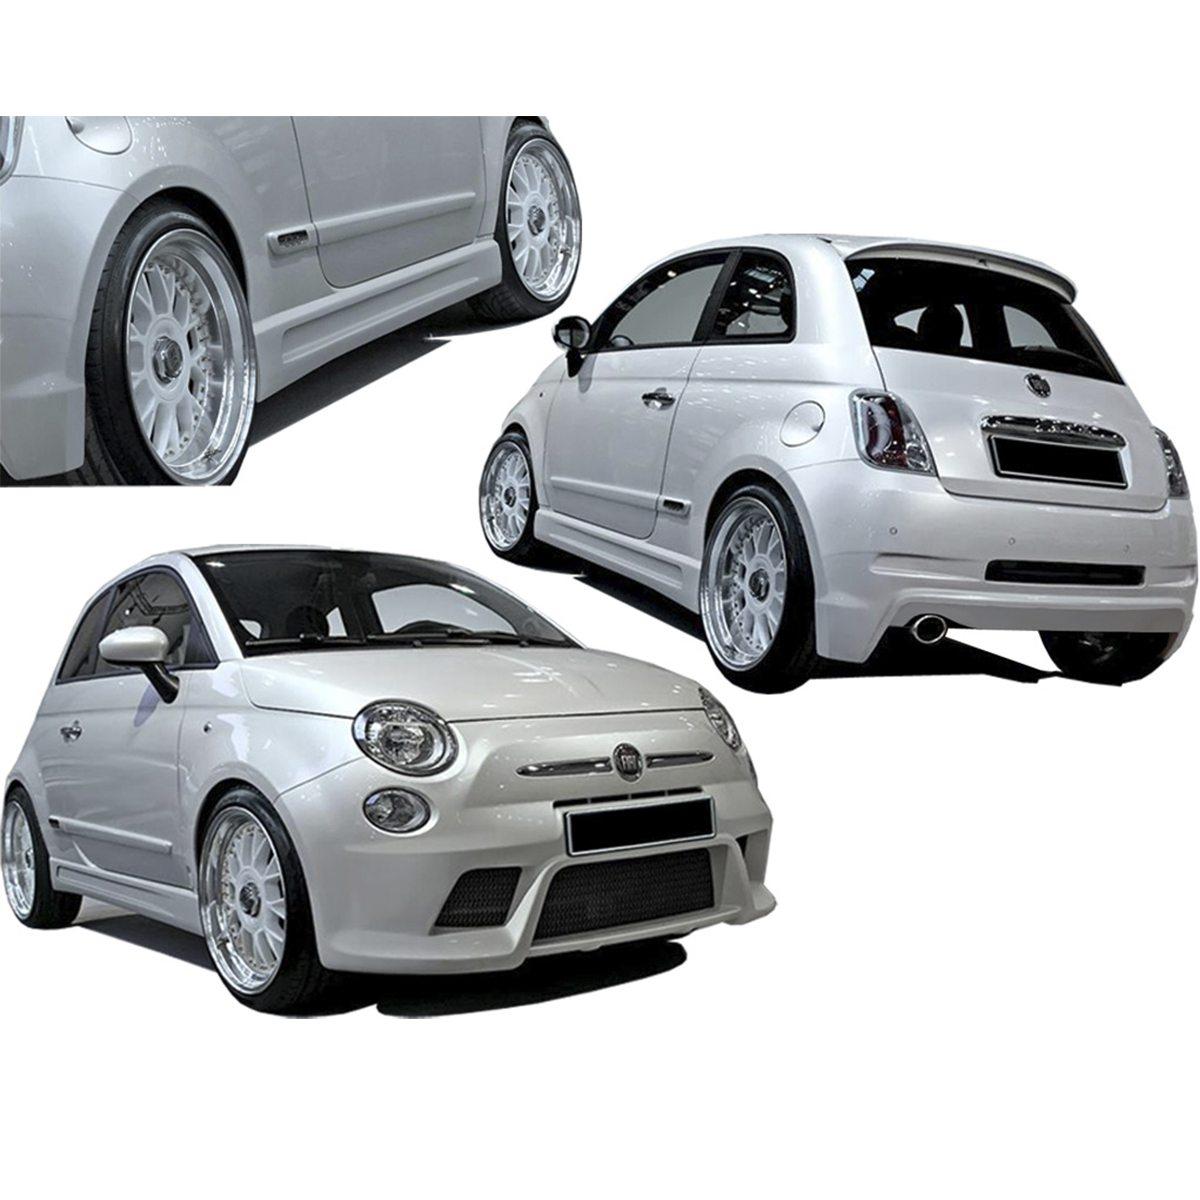 Fiat-500-Perfezione-KIT-KTS026